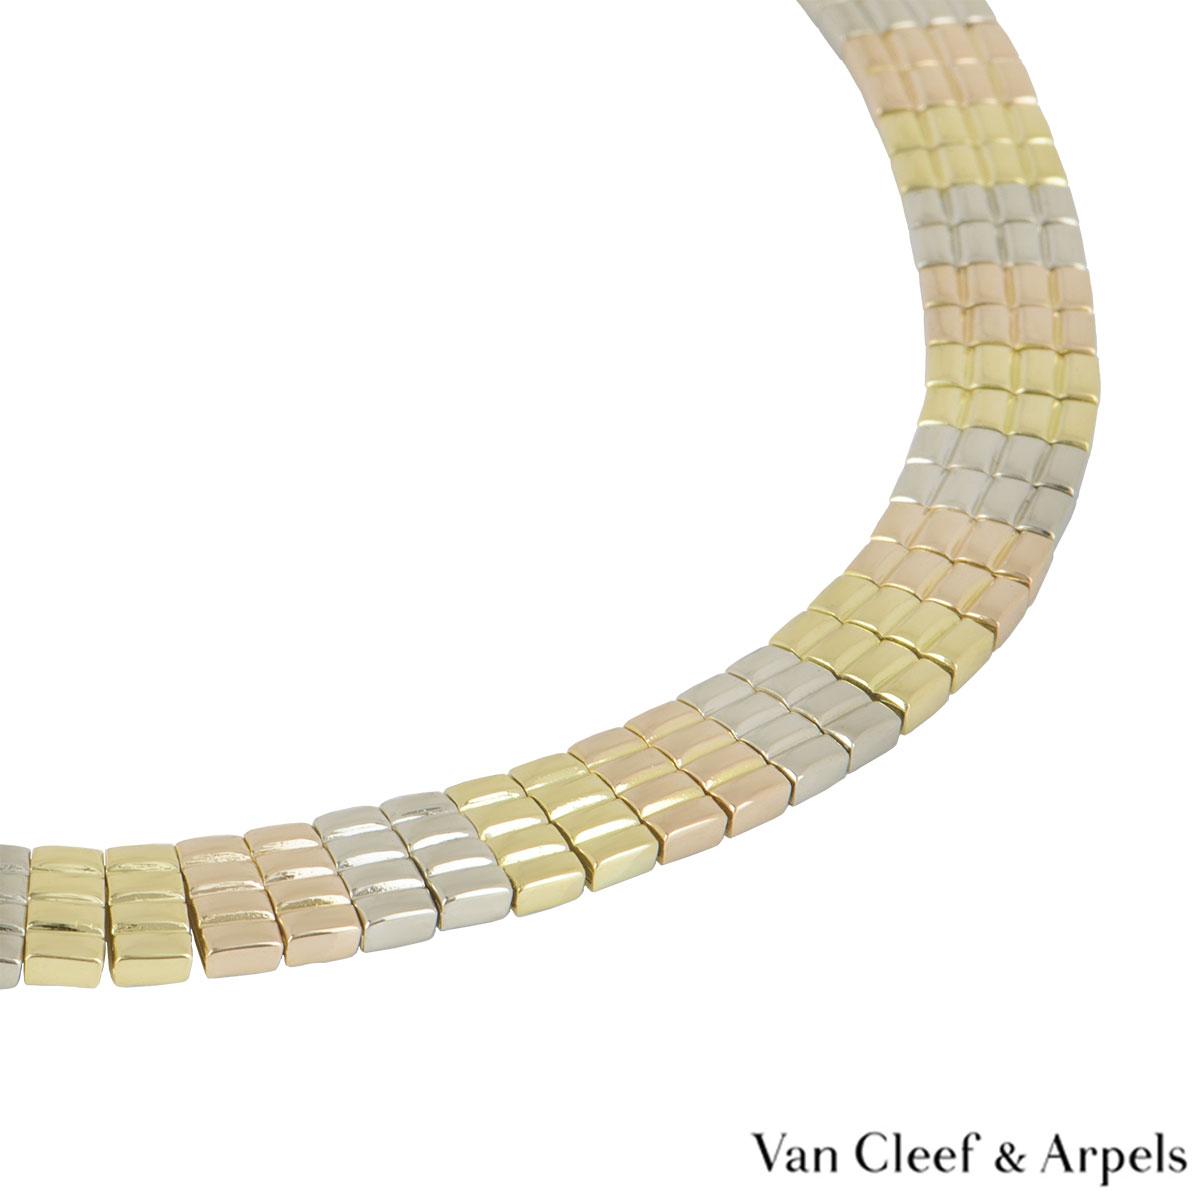 Van Cleef & Arpels Tri-Colour Necklace